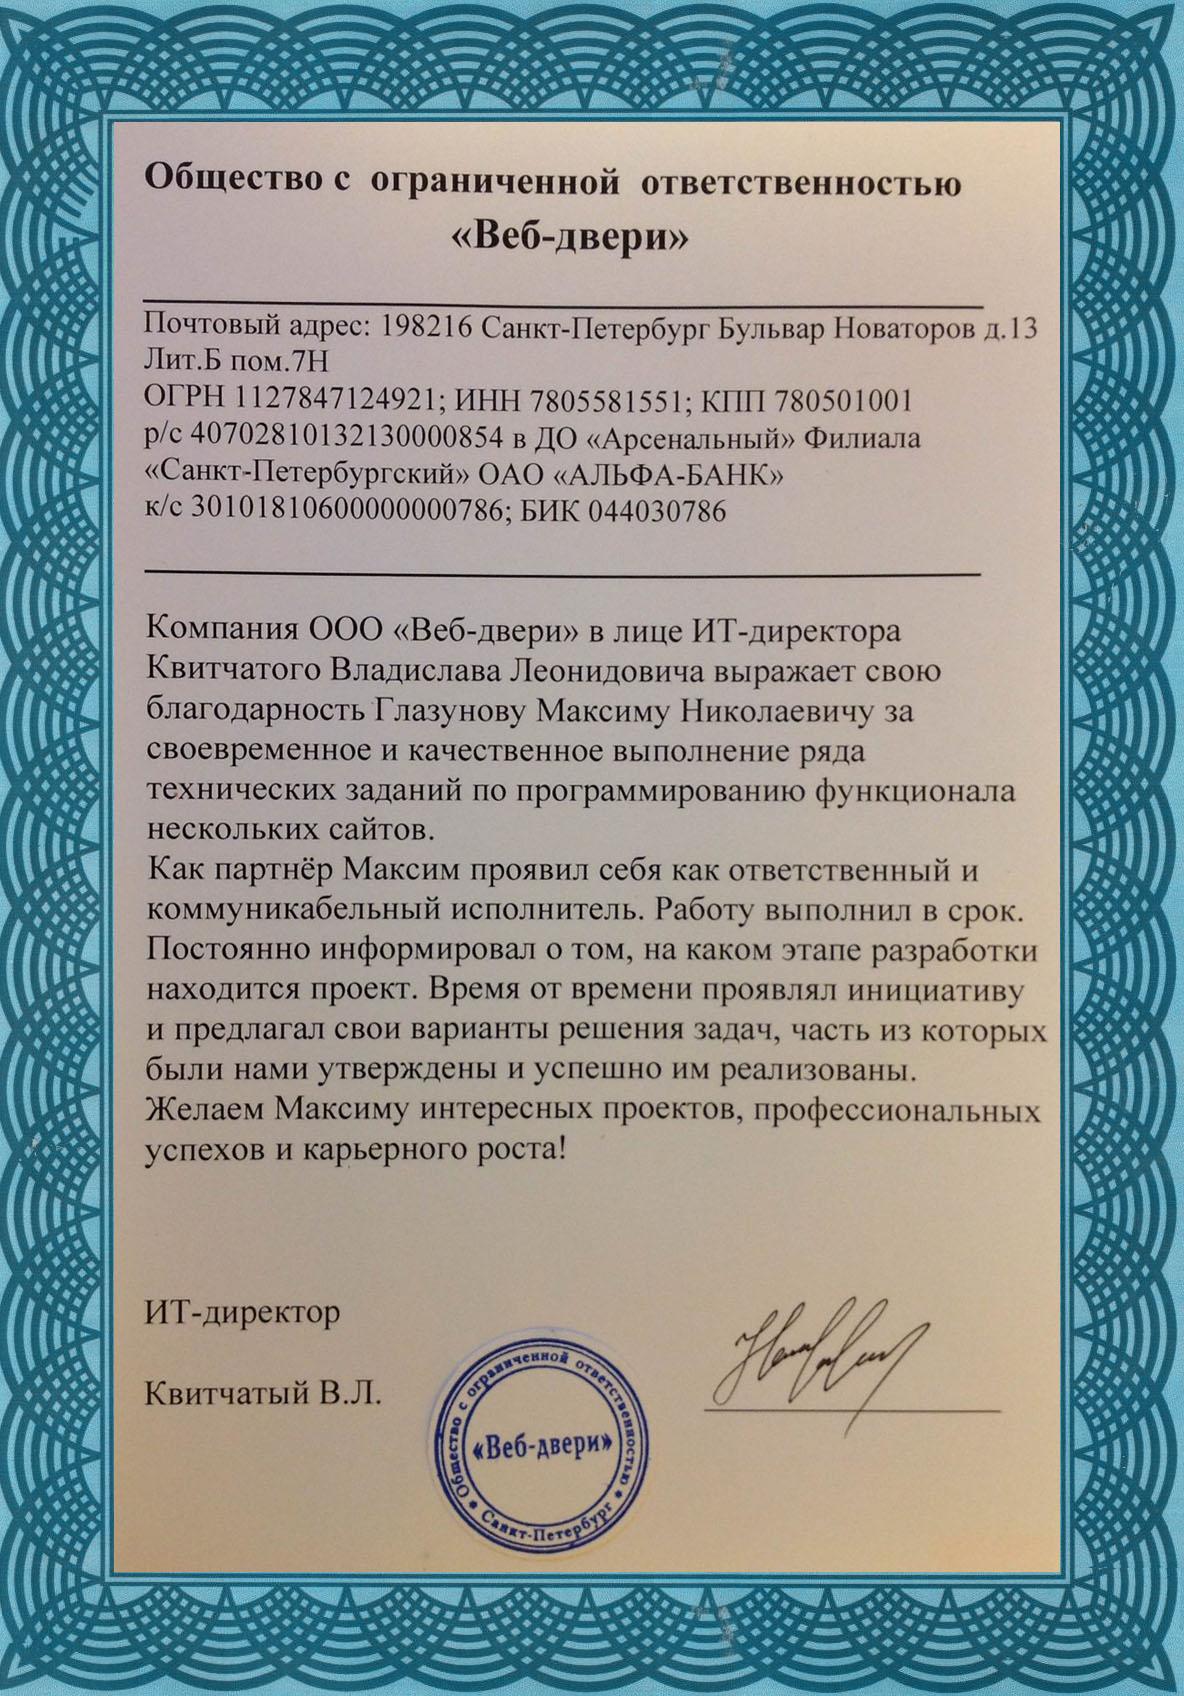 Отзыв от компании ООО Веб-Двери Глазунову Максиму